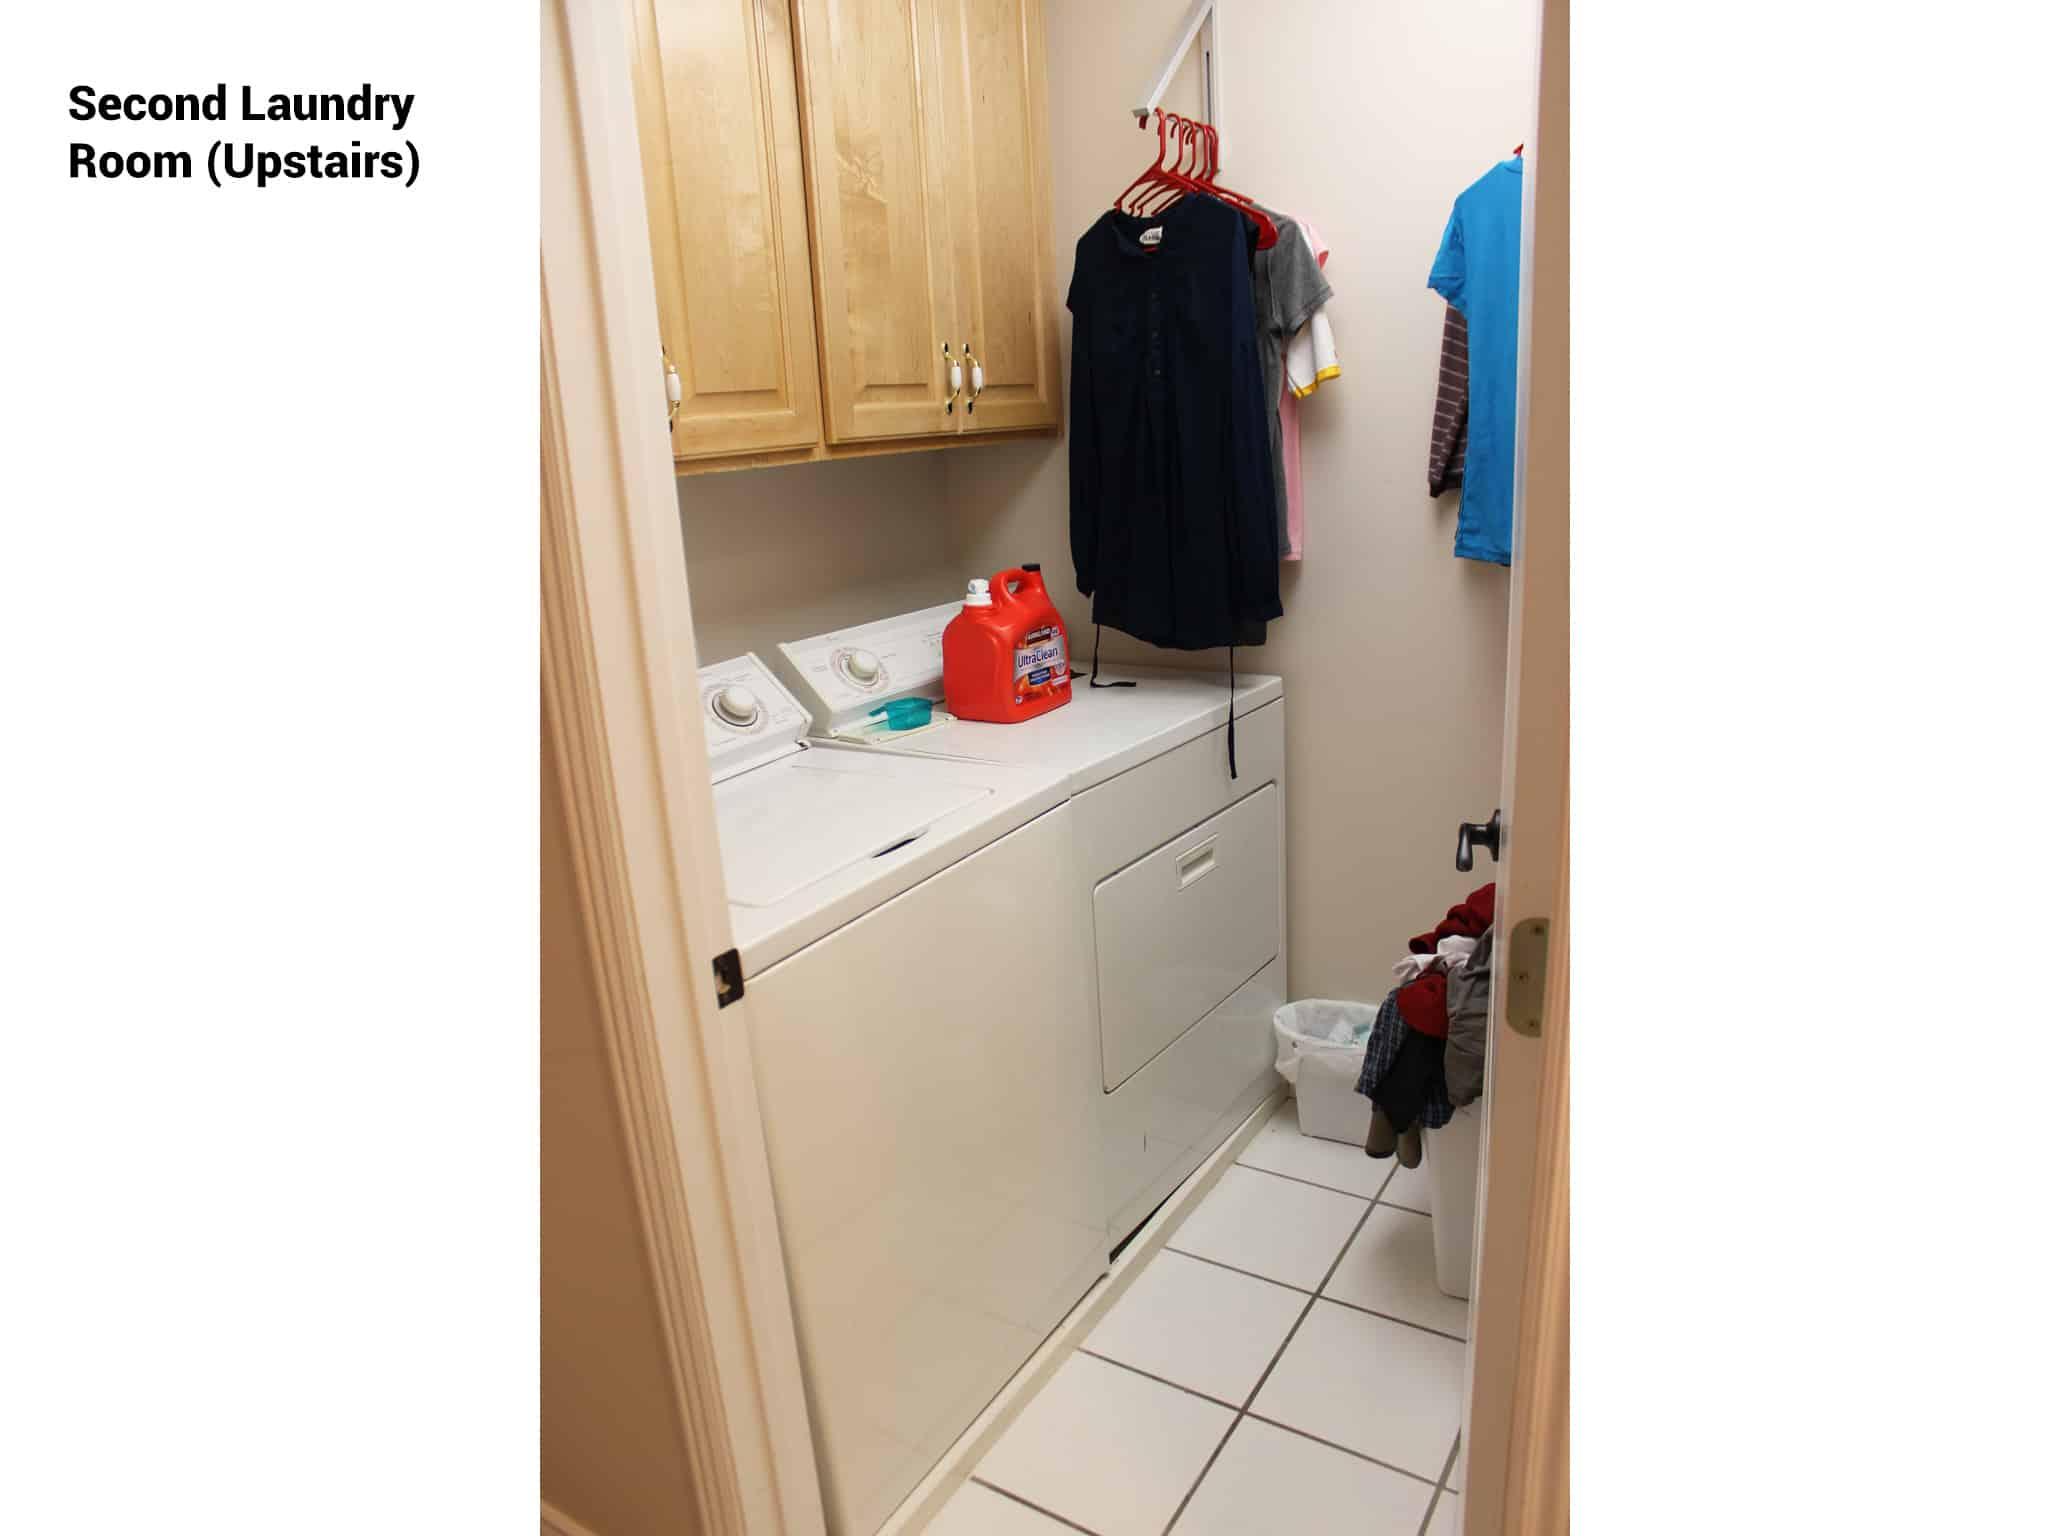 Top floor laundry